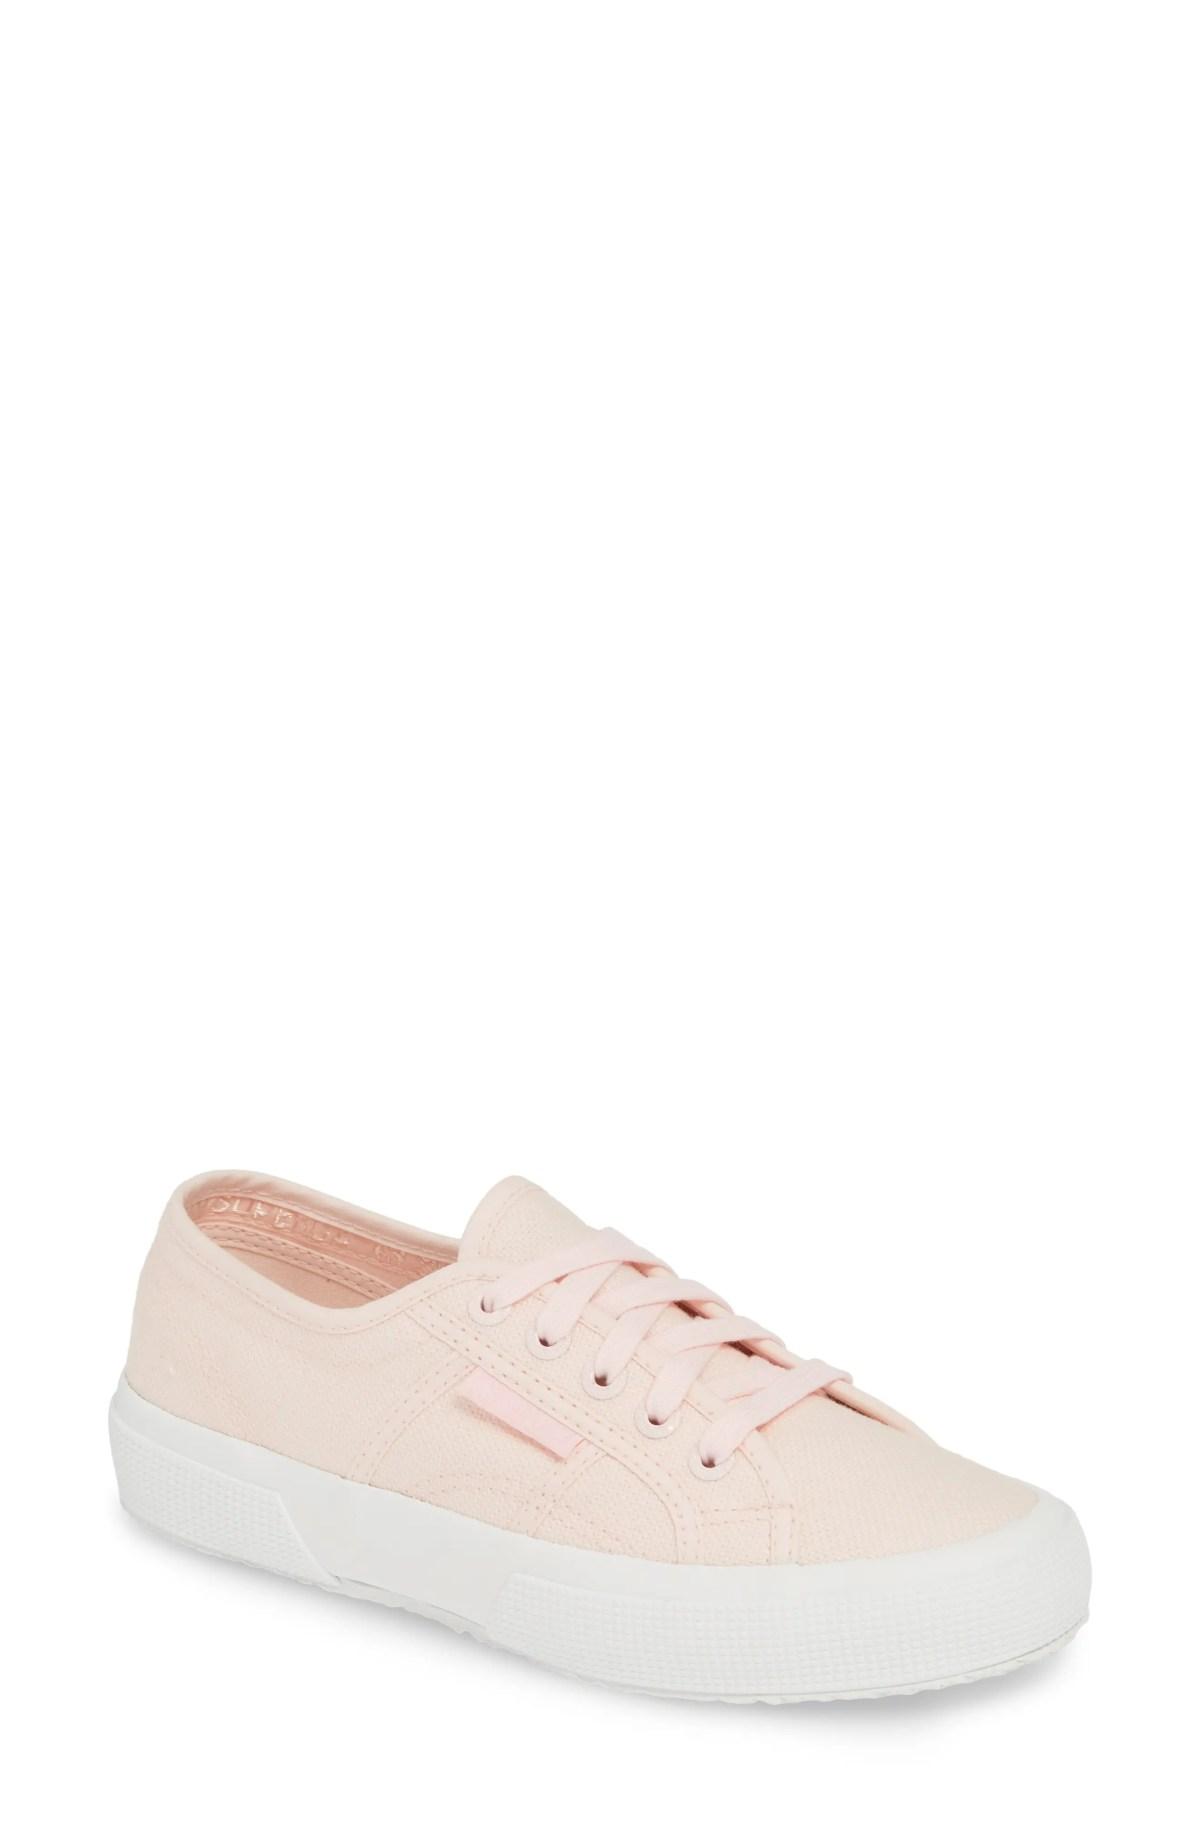 SUPERGA 'Cotu' Sneaker, Main, color, PINK CRYSTAL